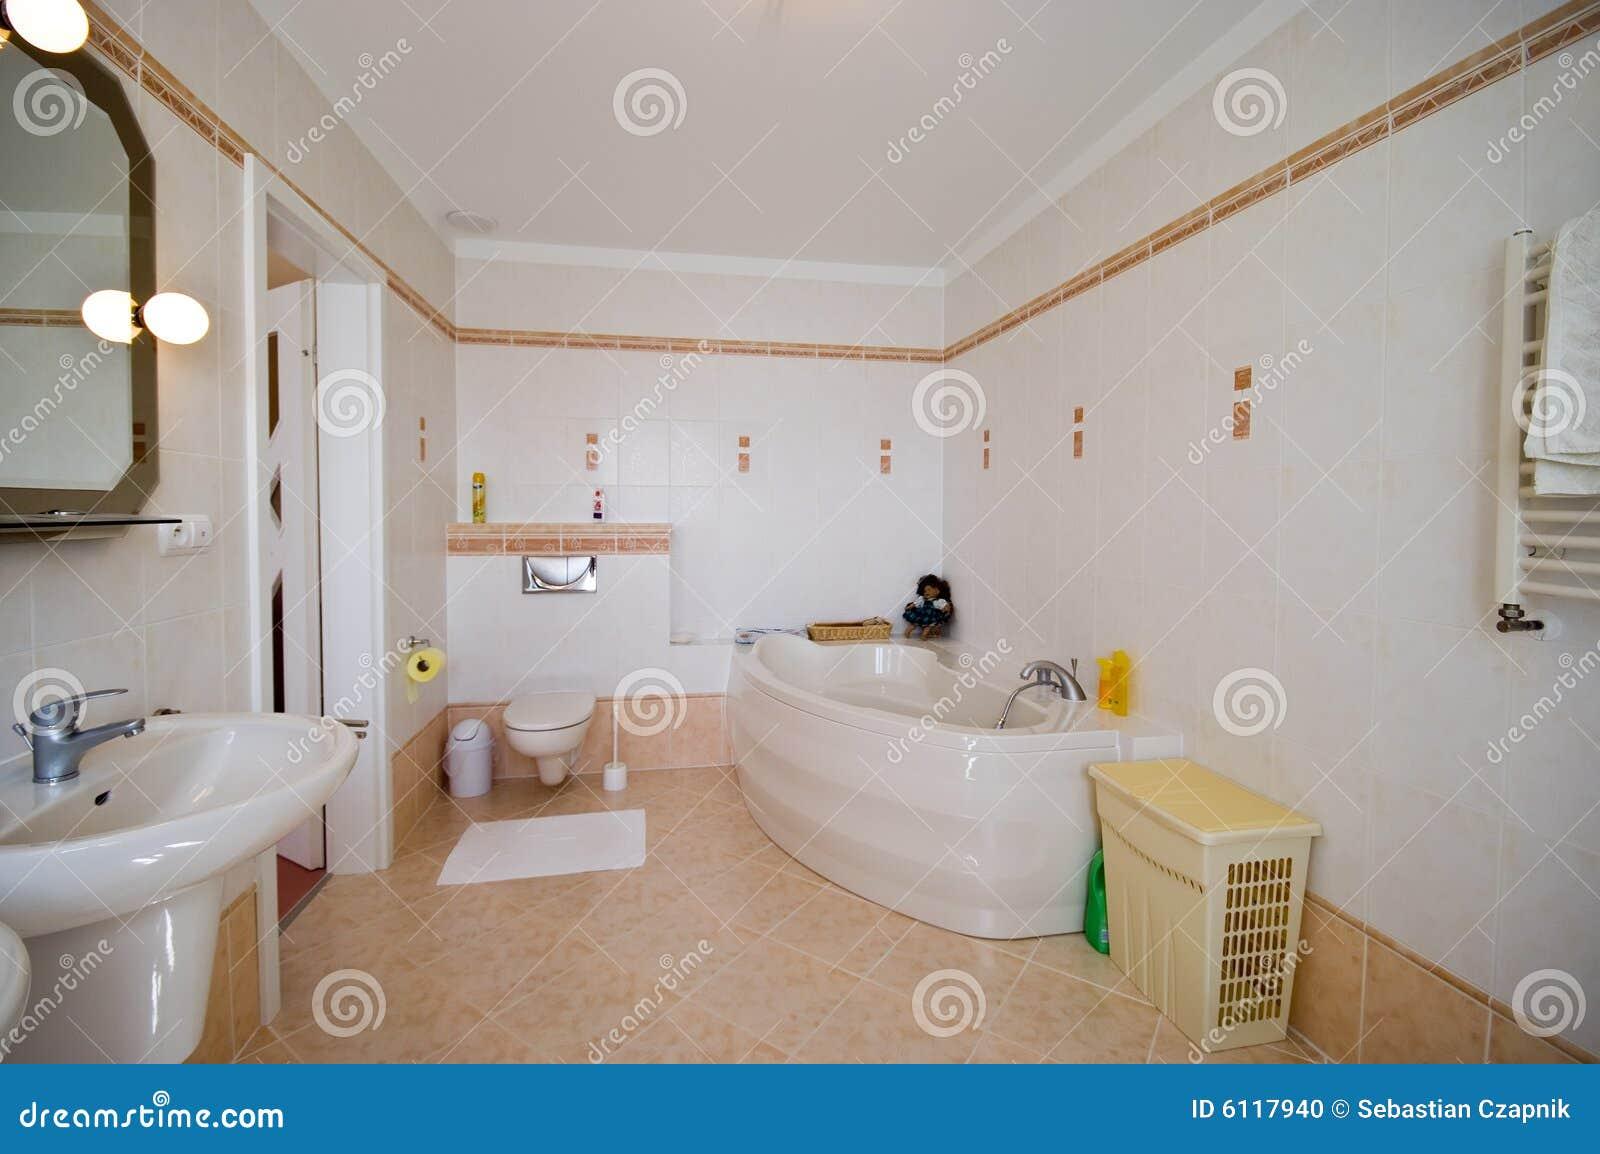 Interiore moderno della stanza da bagno fotografia stock - Stanze da bagno moderne ...